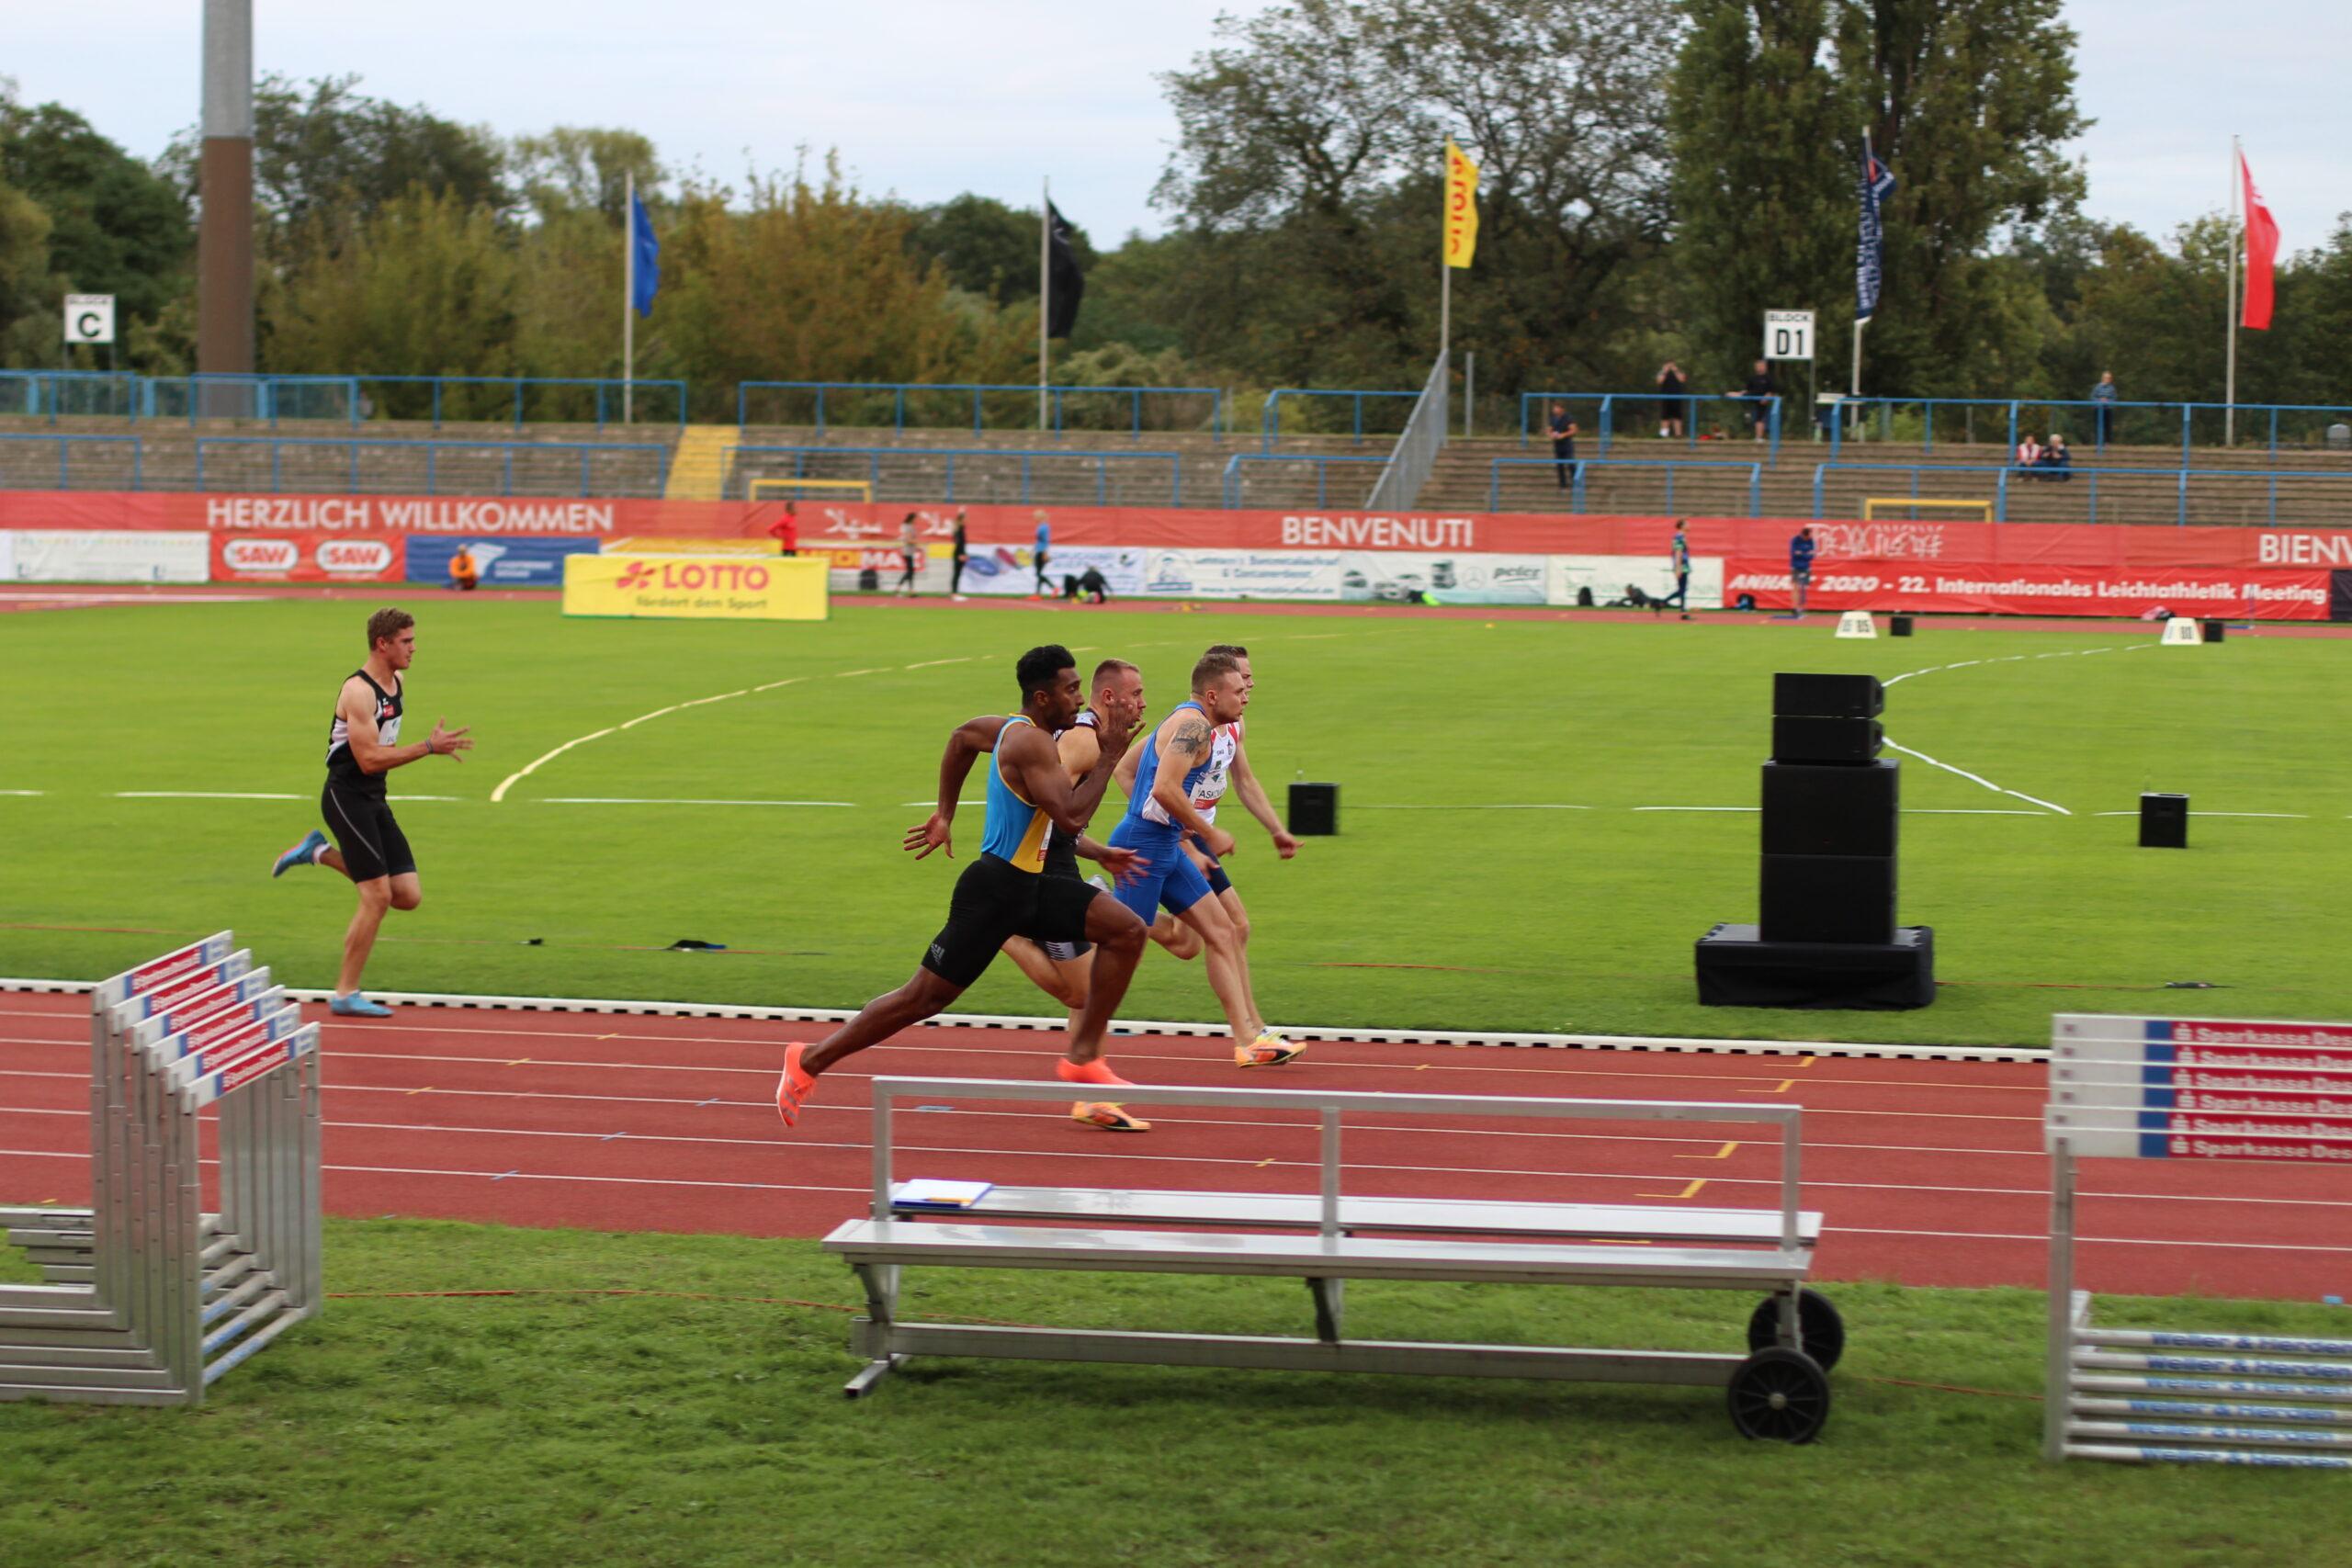 ANHALT 2020 mit Audiodeskription – Seitenblick auf die 100-Meter-Sprintbahn im Paul-Greifzu-Stadion, wo gerade vier Läufer Kopf an Kopf von links nach rechts vorbeilaufen. Ein weiterer Läufer ist bereits zwei Meter hinter ihnen abgeschlagen, Foto: Tomke Koop.